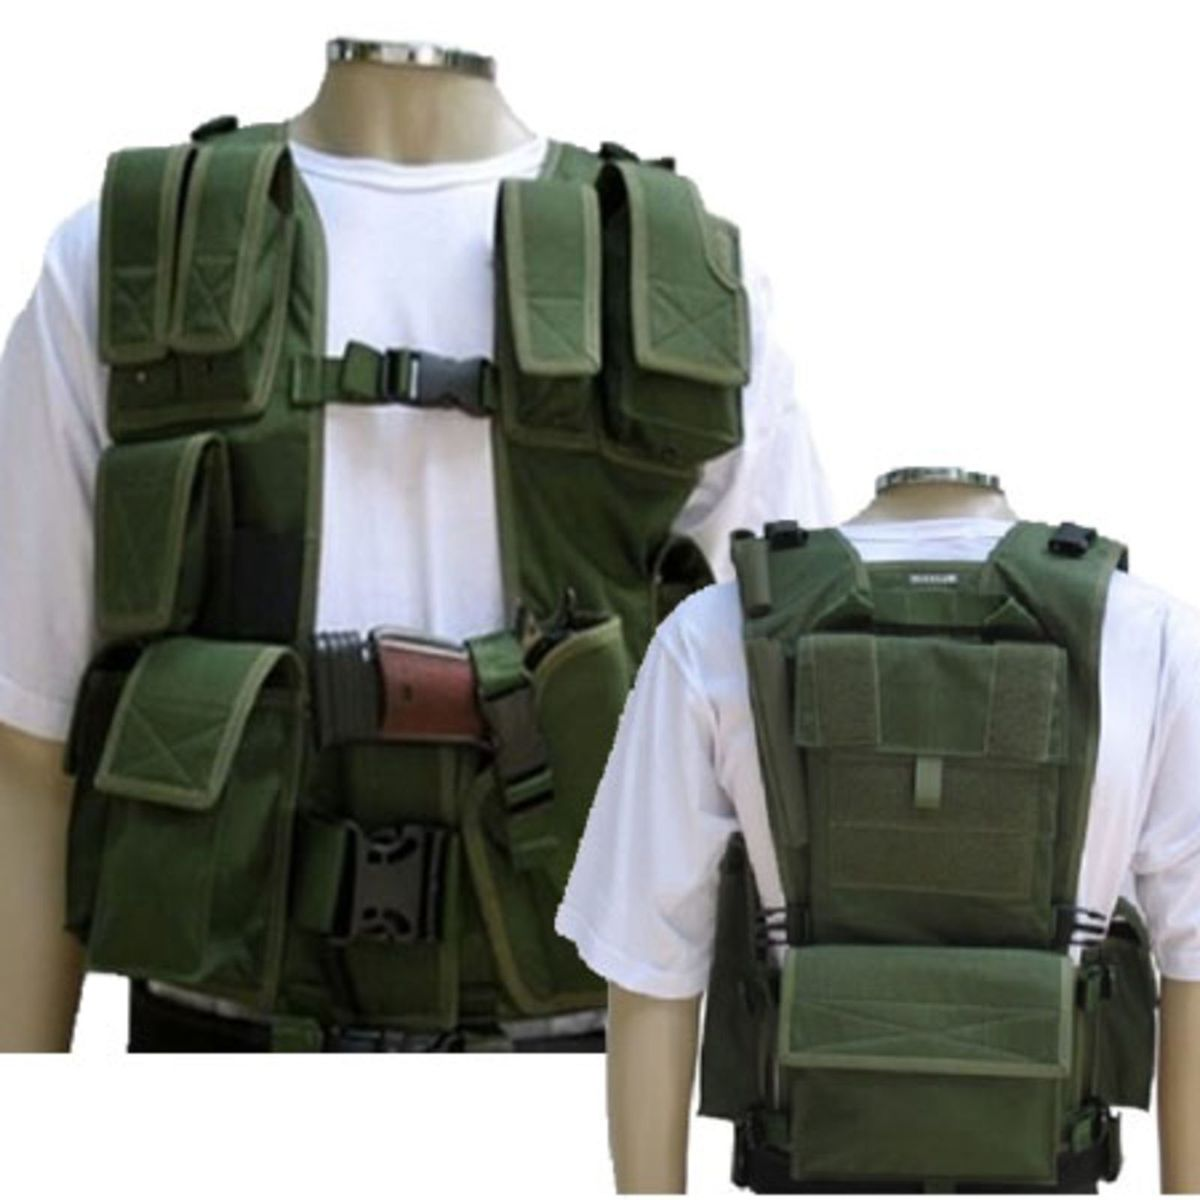 Colete Tático de Assalto Modelo Israelense Combate Militar Airsoft  Paintball Segurança Polícia  2629c3ec84244